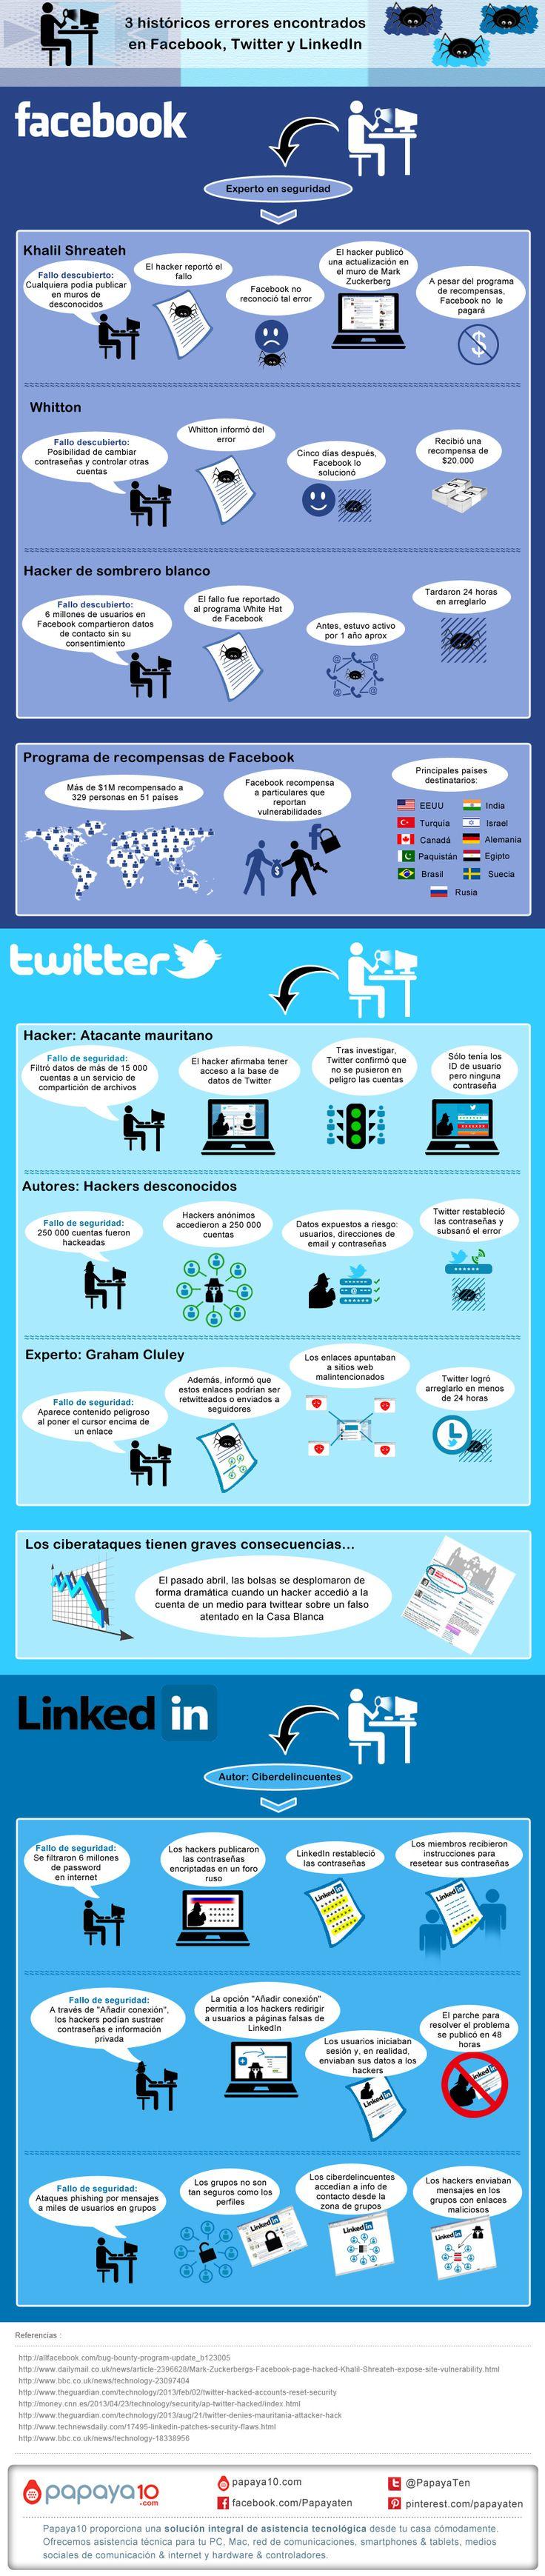 Fallos de seguridad en Twitter - FaceBooy y Linkedin #infografia